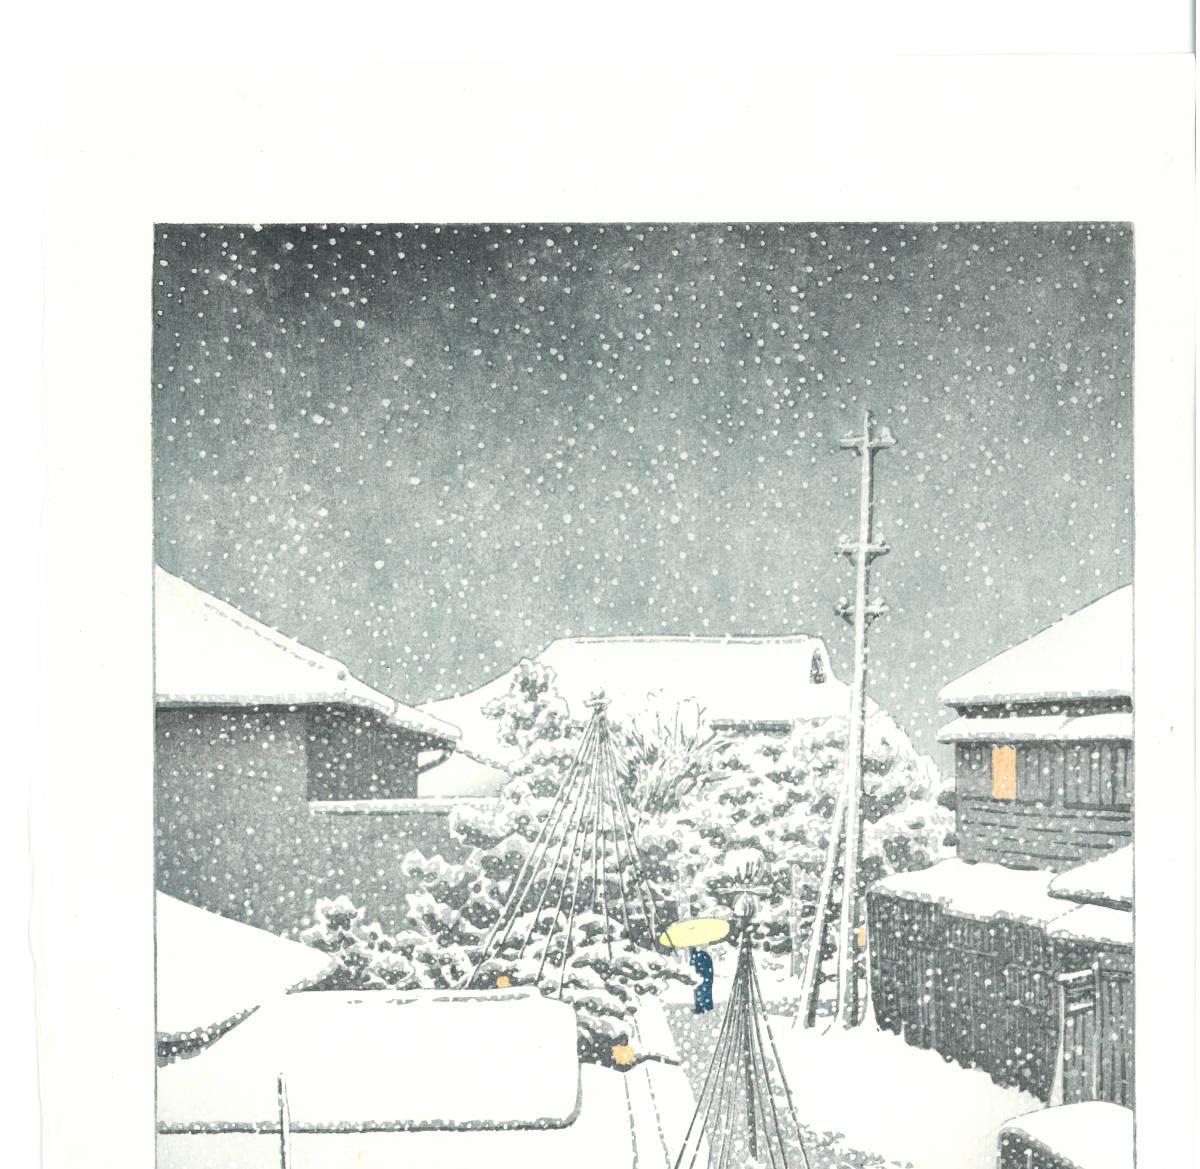 川瀬巴水 木版画  HKS-16 代地の雪  初版 1925年 大正14年2月 (新版画) 一流の摺師の技をご堪能下さい。_画像3